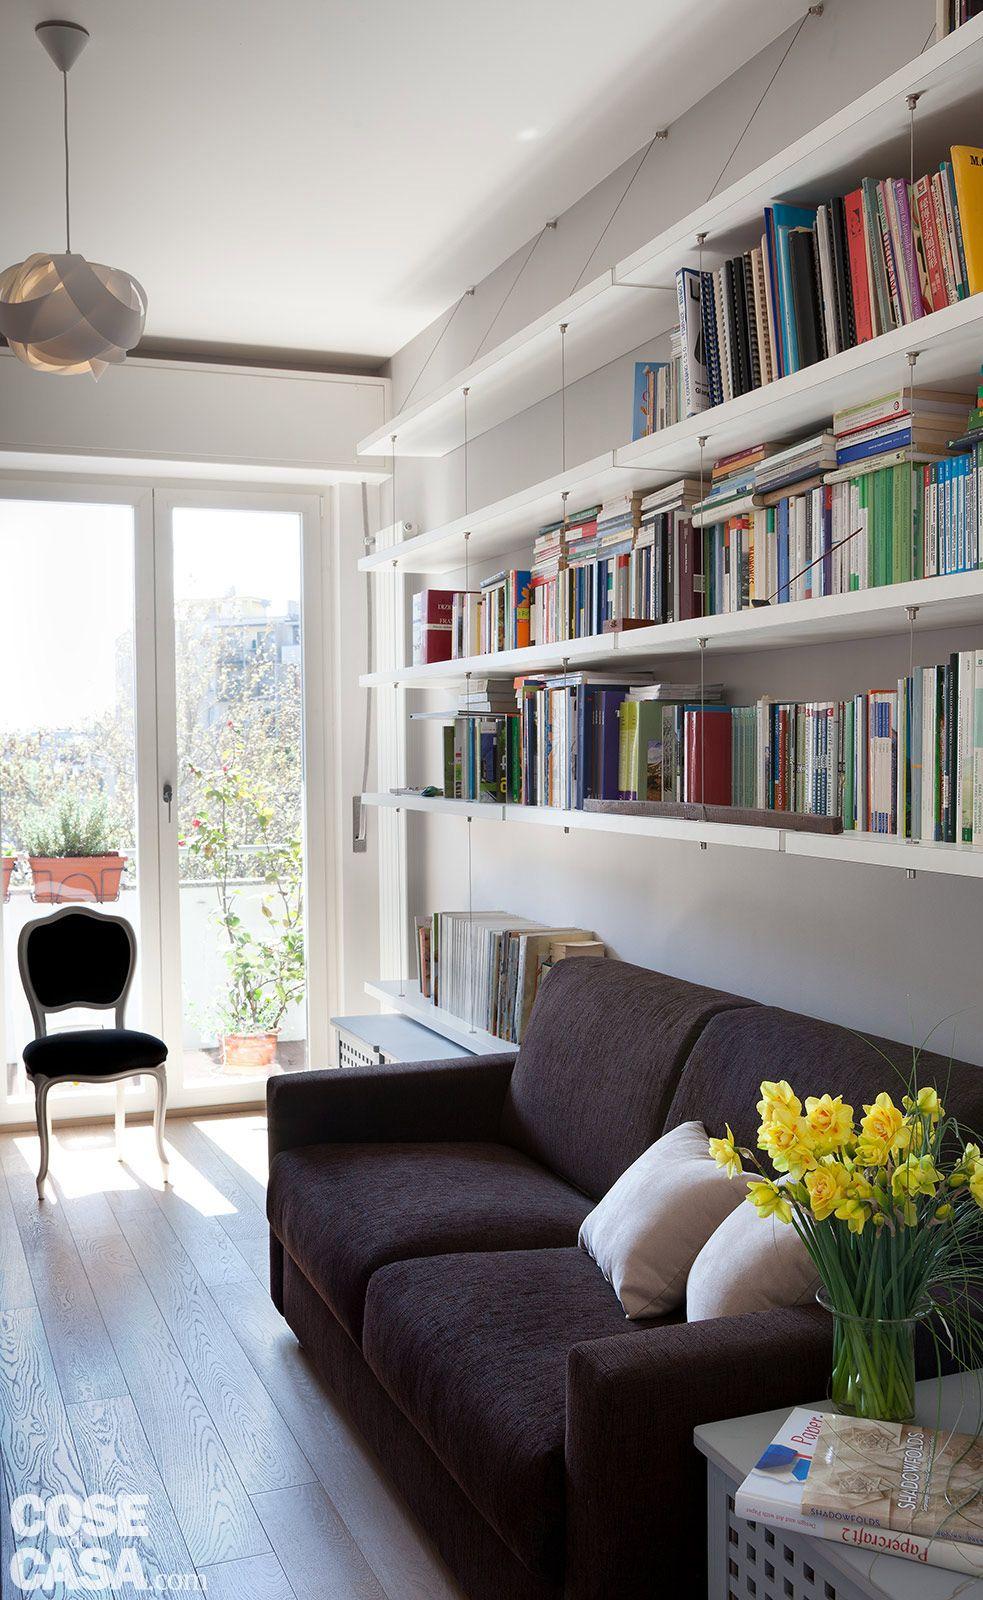 casa-pesaro-fiorentini-stanza-divano | idee living | pinterest ... - Lusso Angolo Divano Nel Soggiorno Camera Design Con Parete Di Vetro